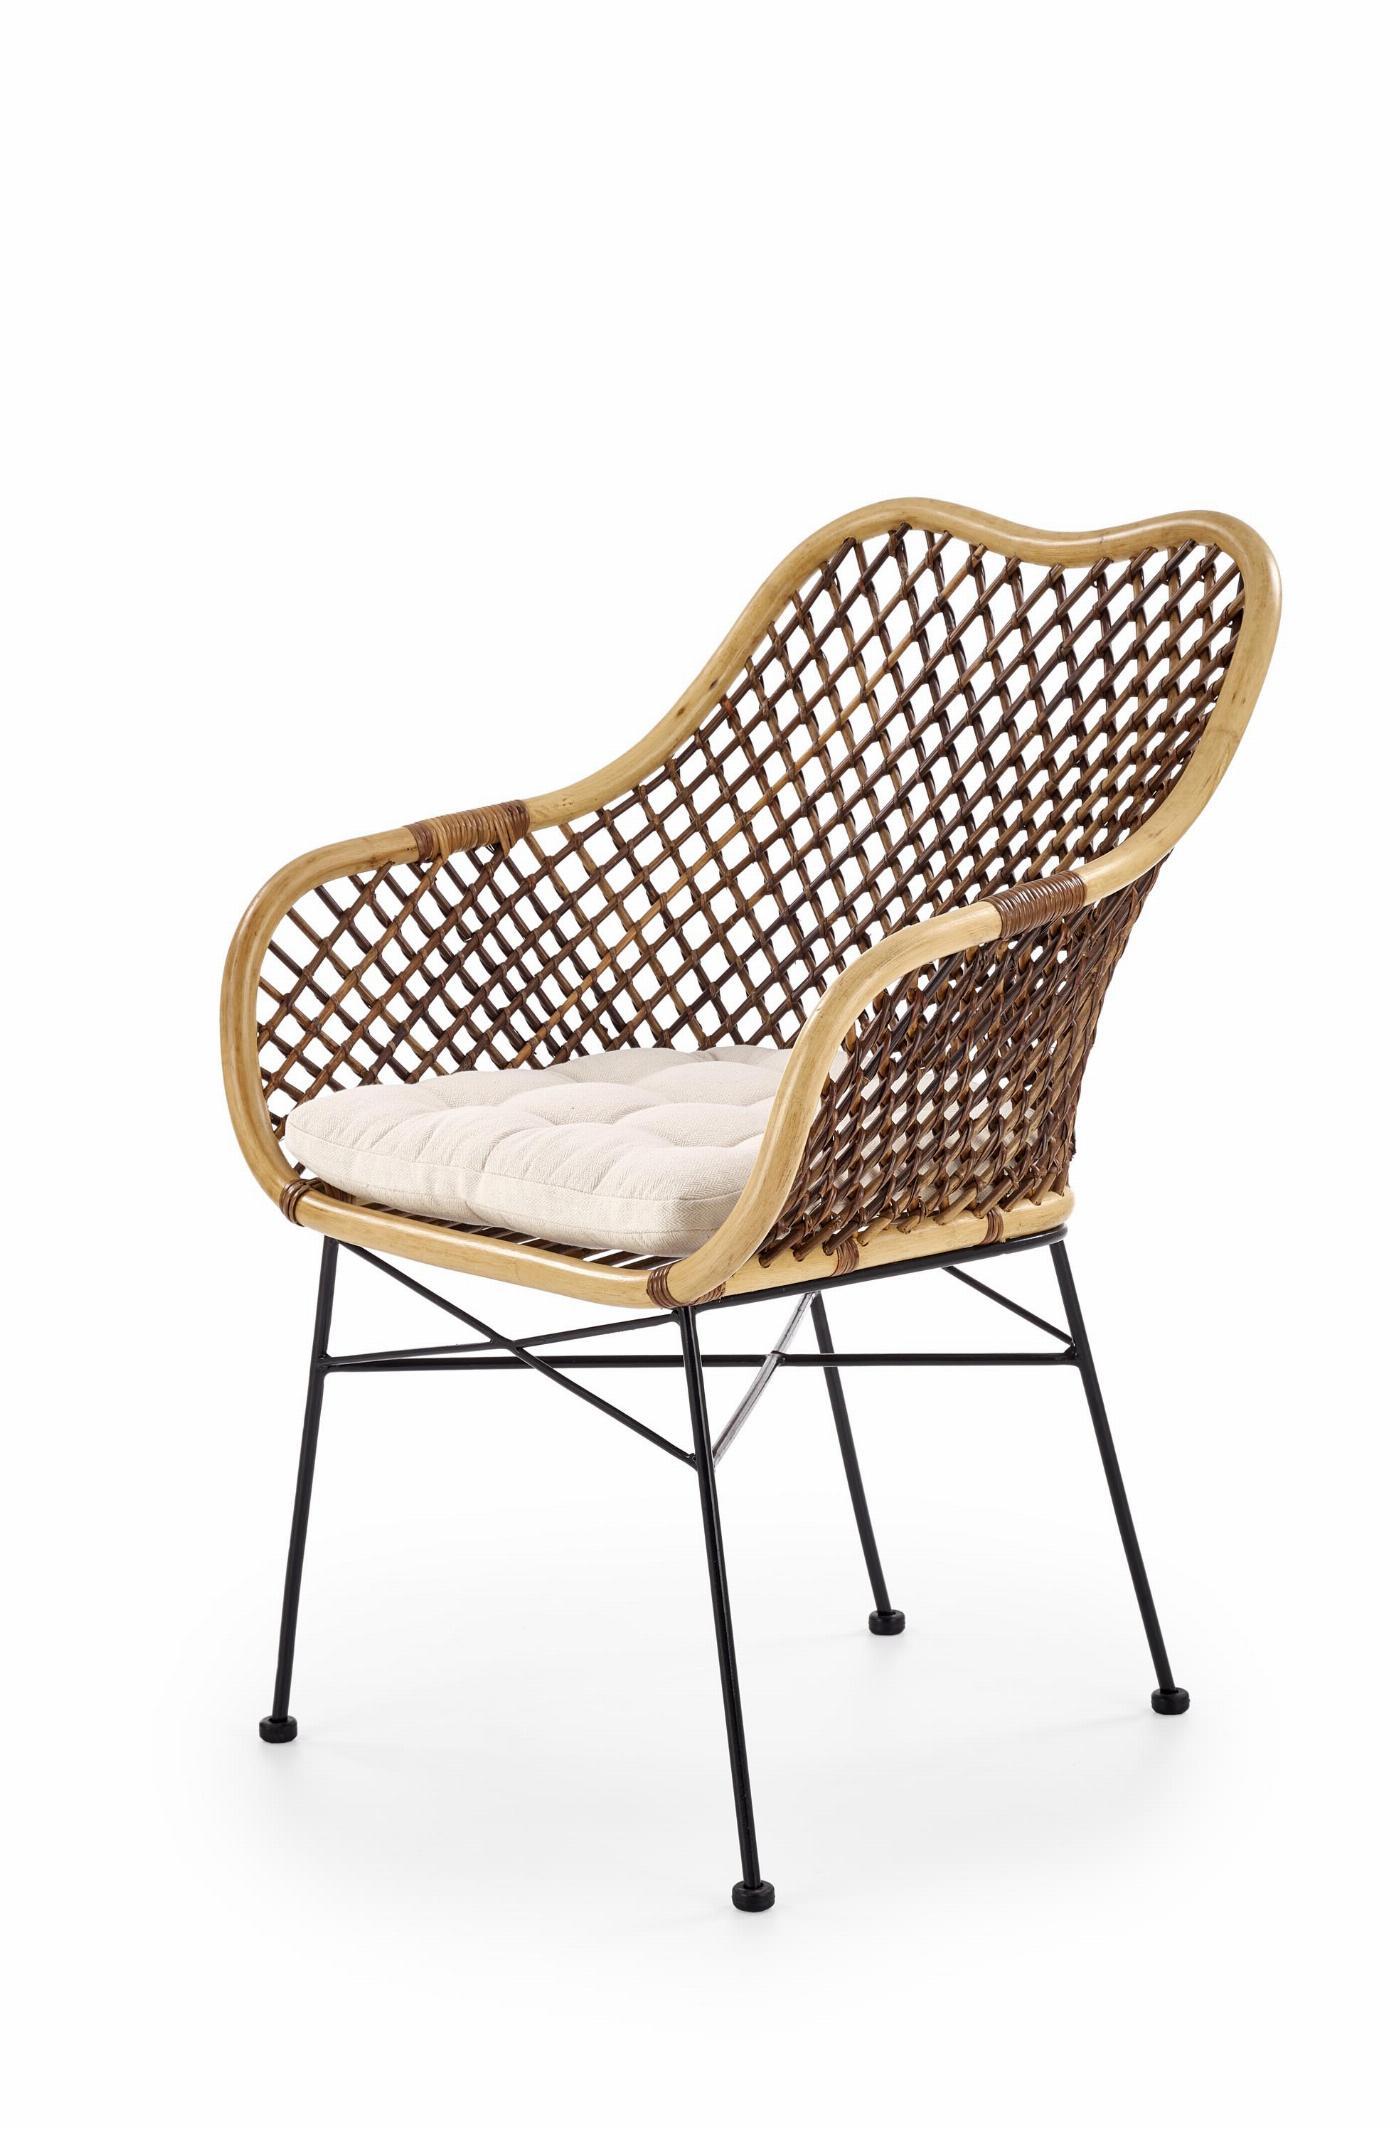 K336 krzesło rattan naturalny